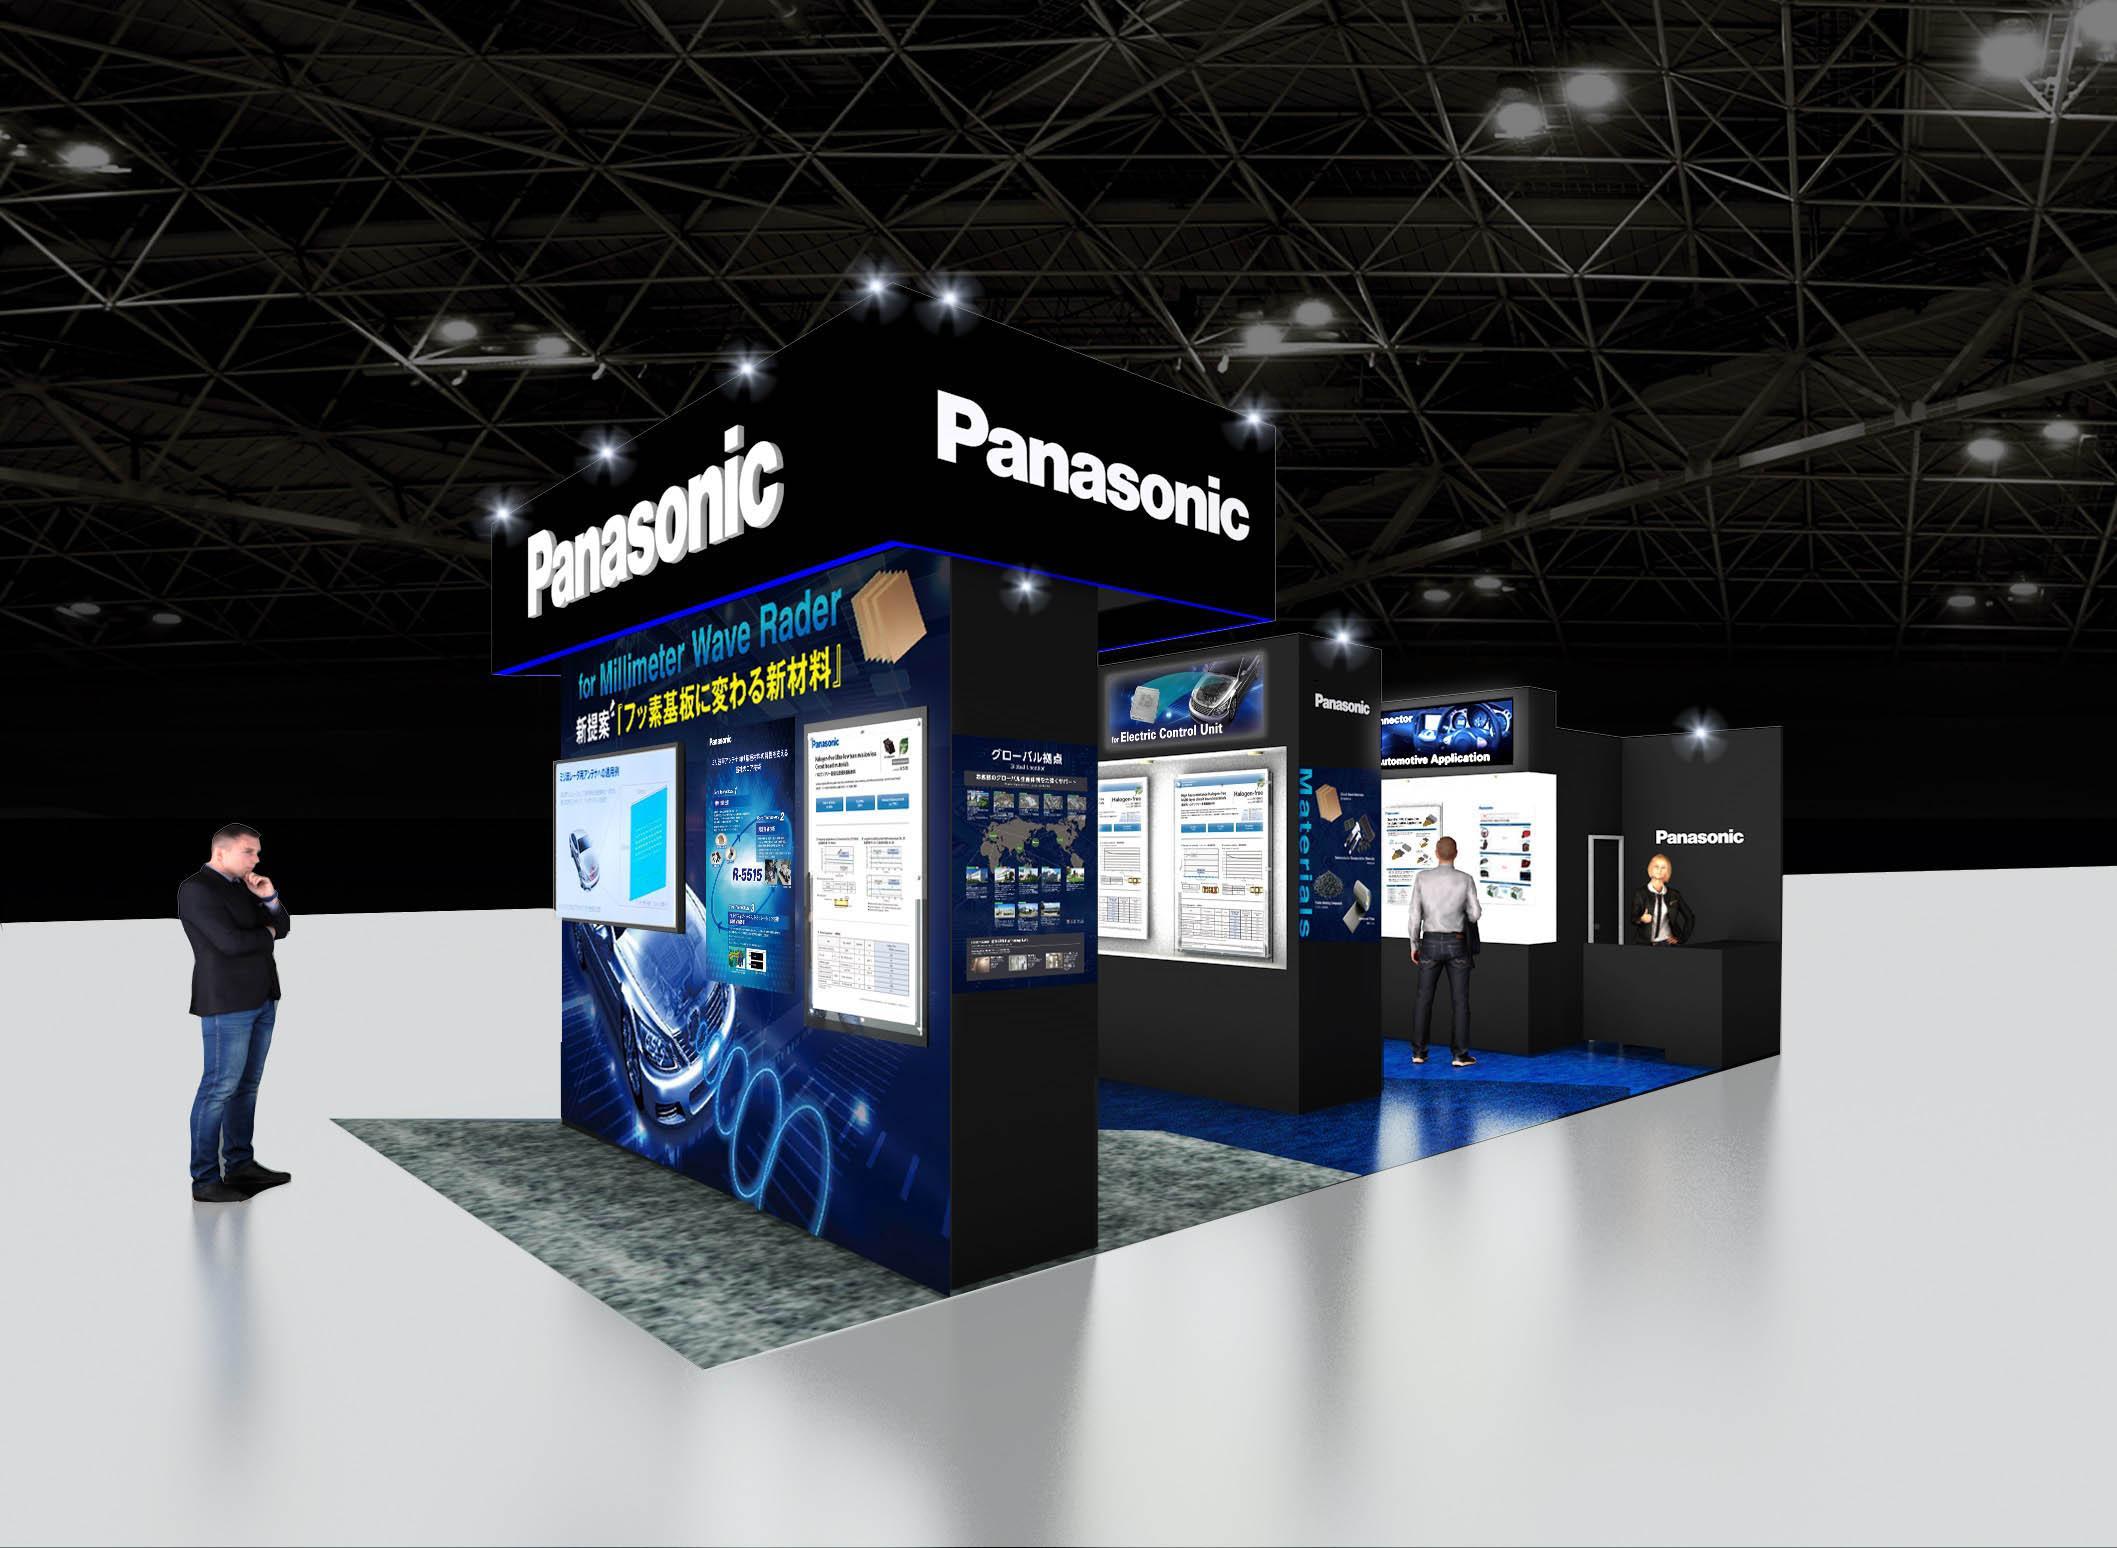 「第11回 カーエレクトロニクス技術展」パナソニックブース イメージ